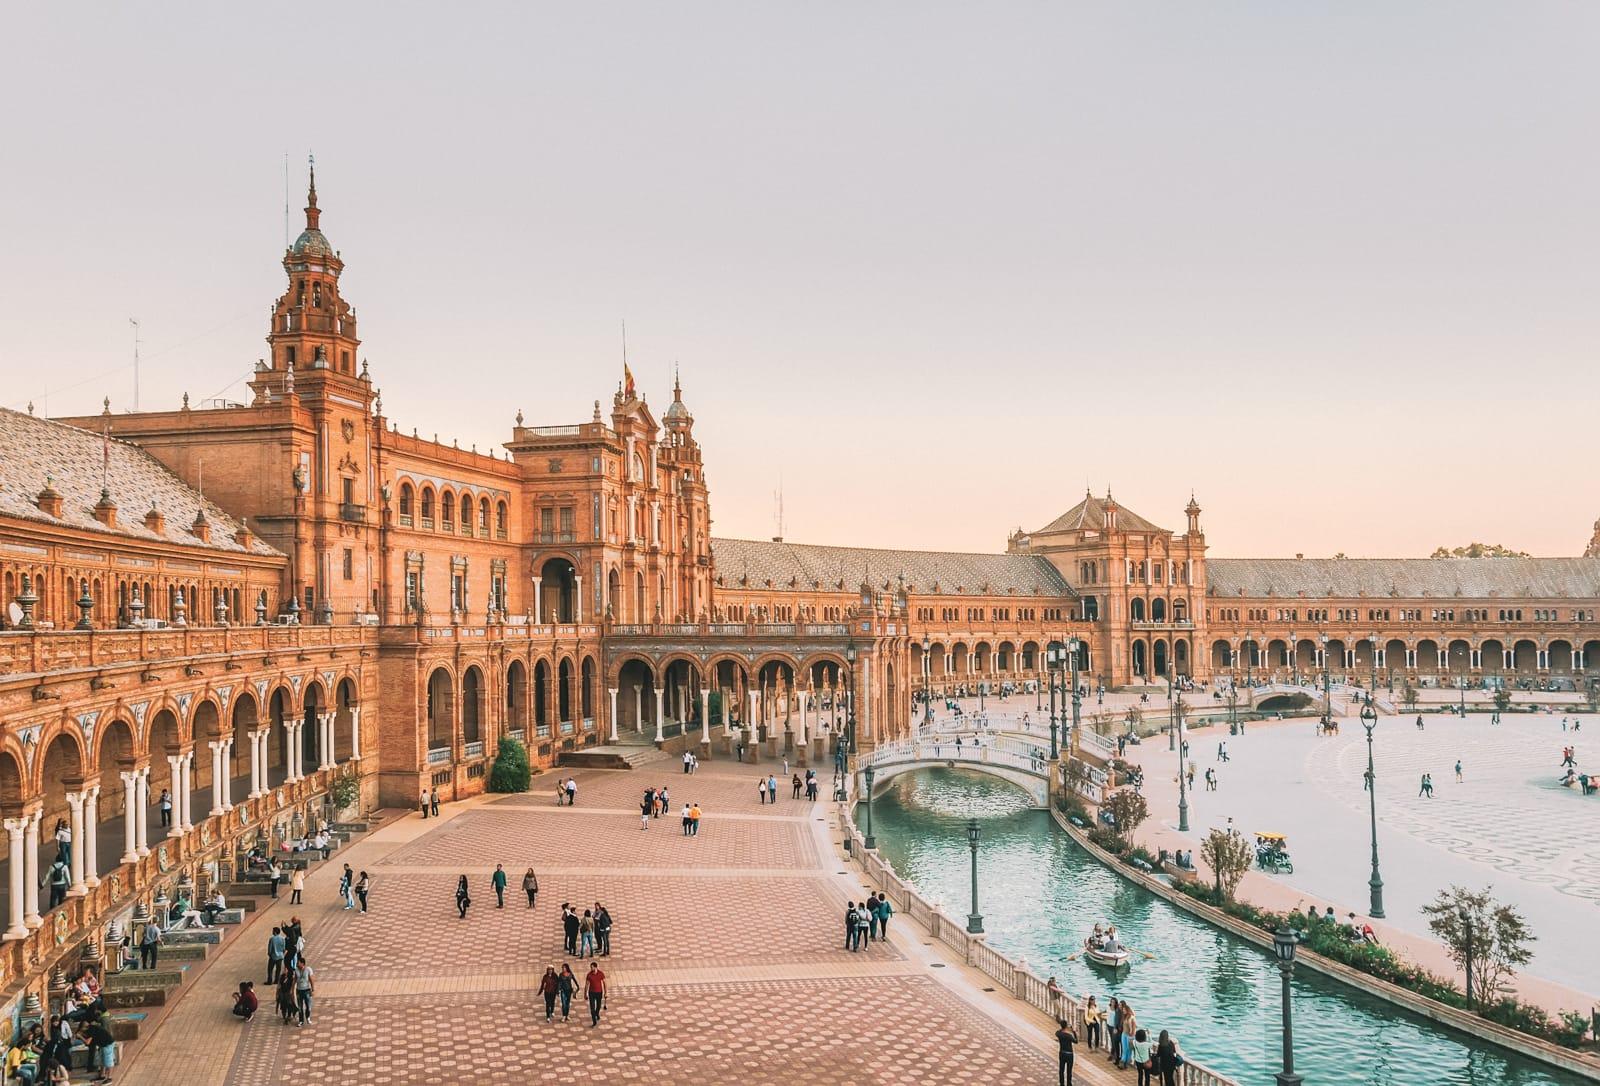 Kinh nghiệm du lịch Seville - cái nôi văn hóa của đất nước Tây Ban Nha